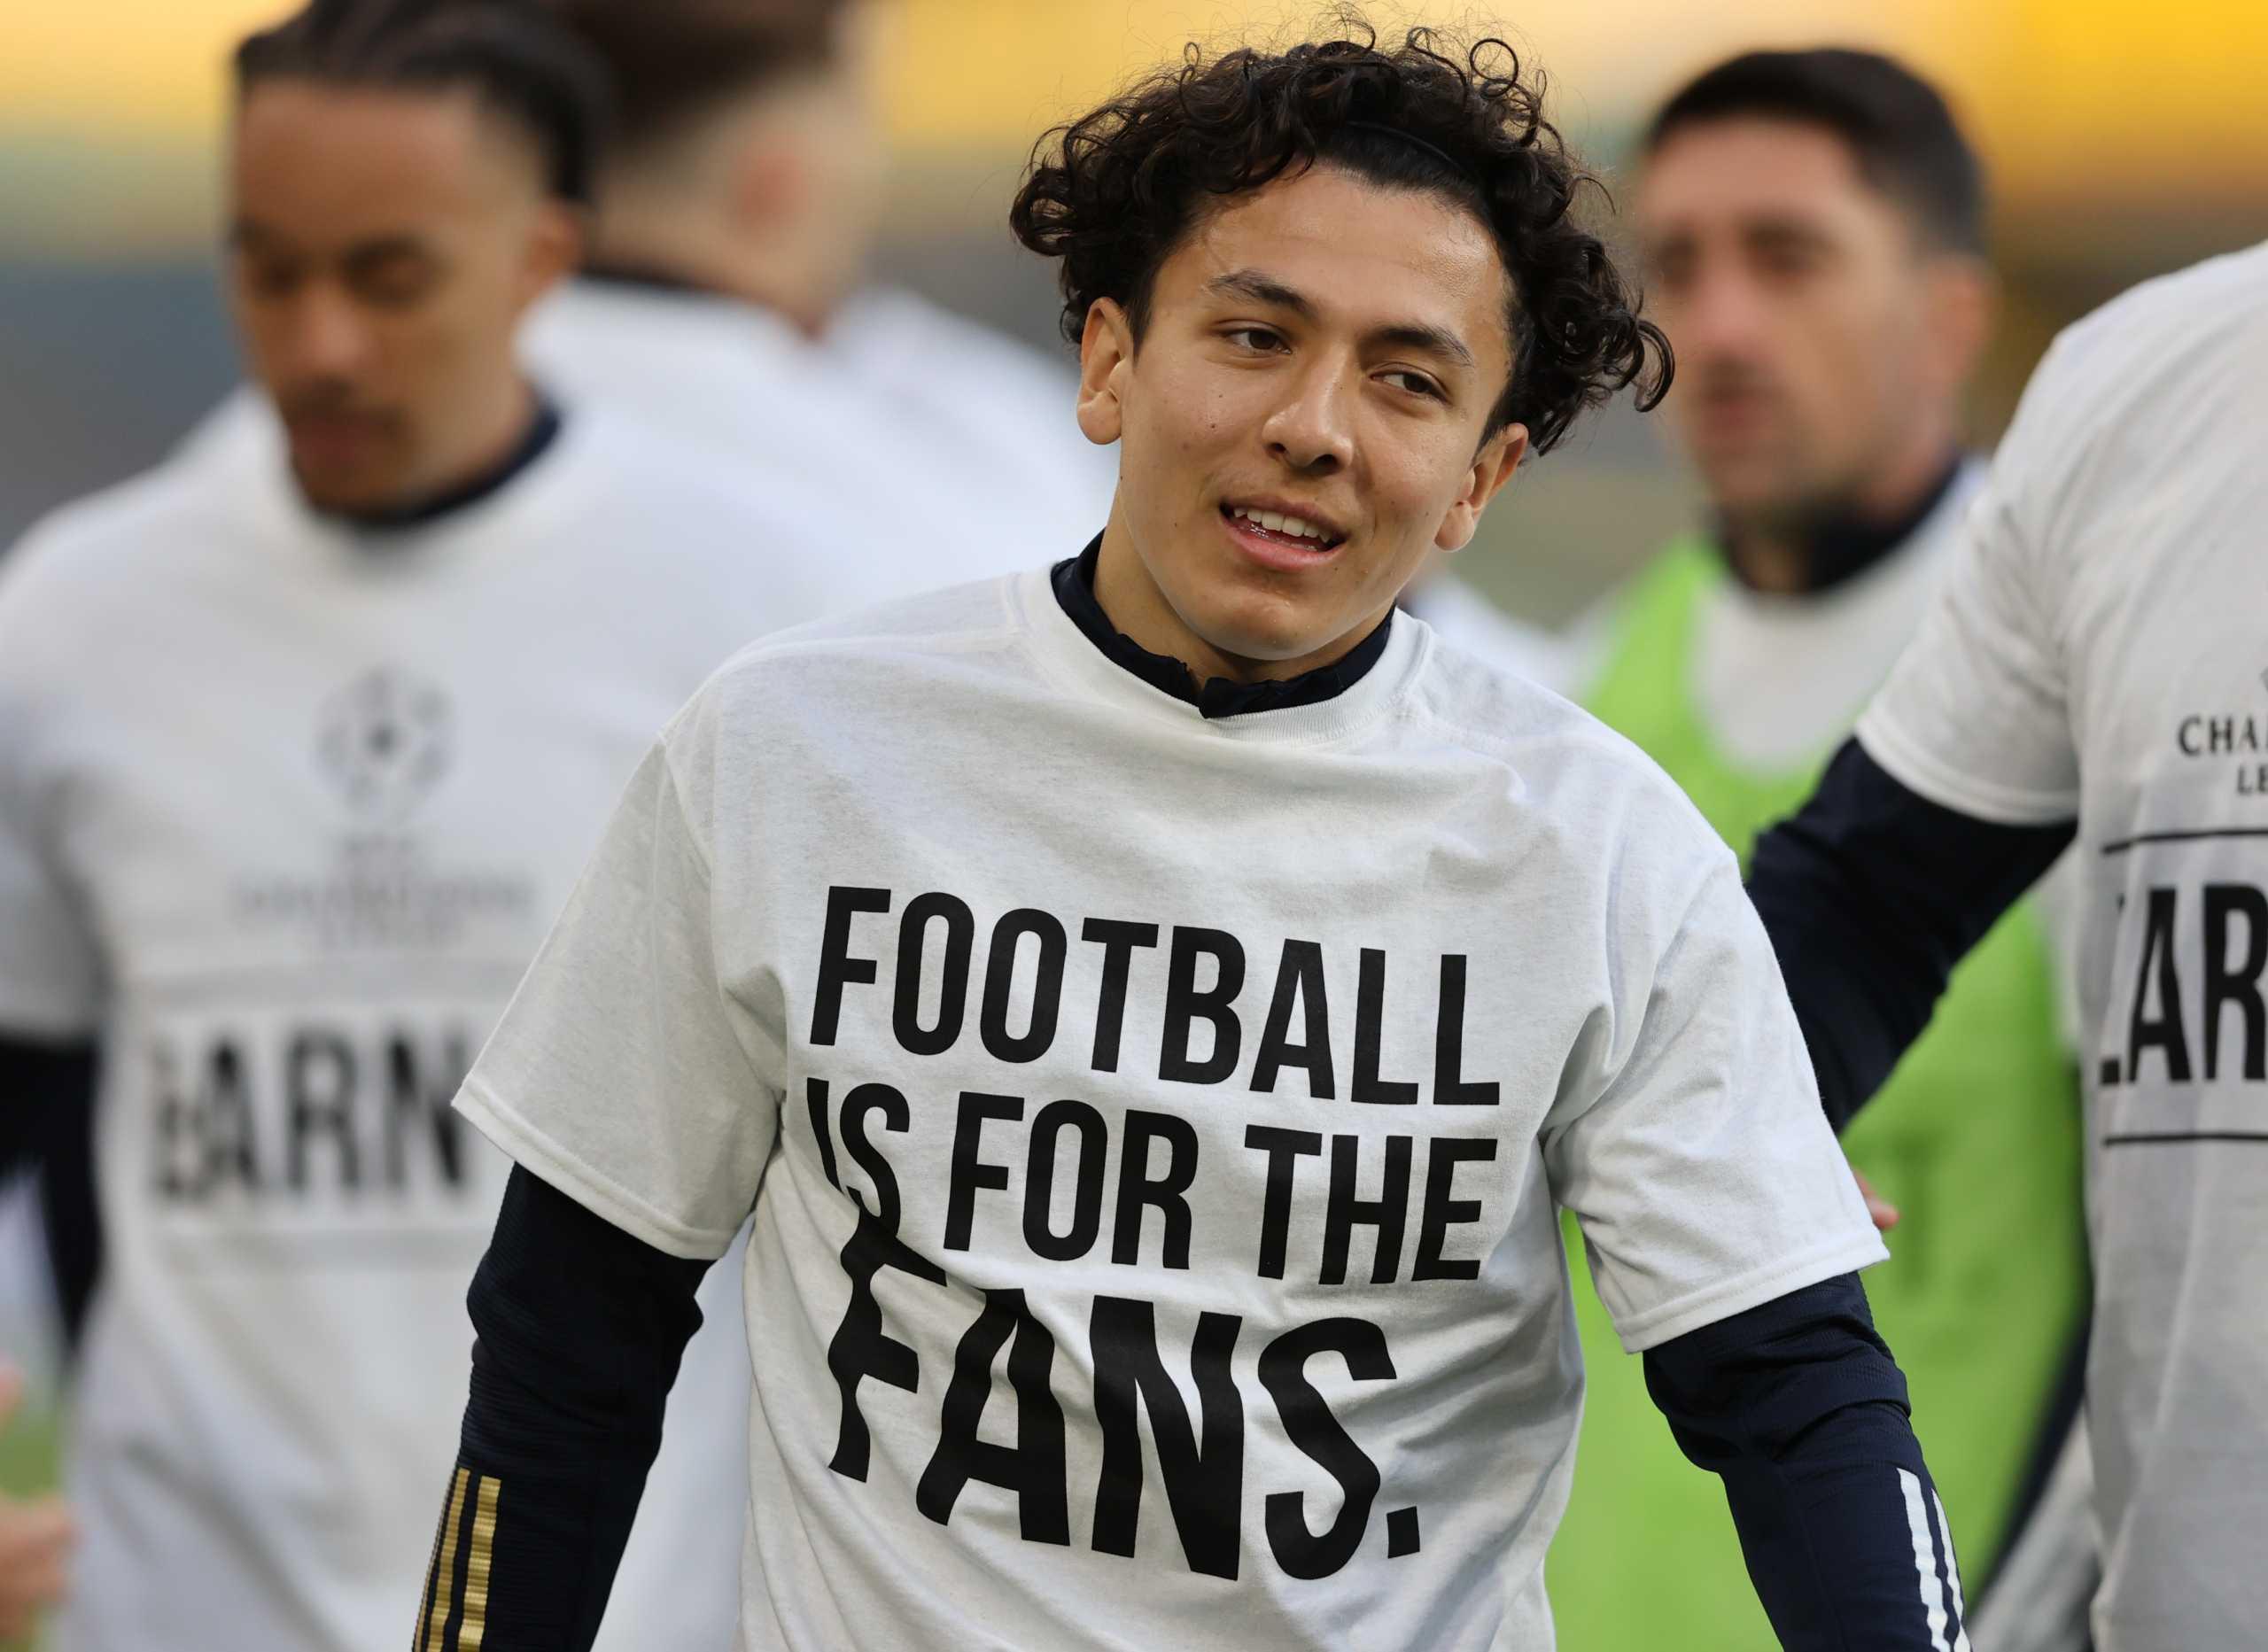 Λιντς – Λίβερπουλ: Τα μπλουζάκια των γηπεδούχων και οι αδιανόητες ατάκες Κλοπ για τη European Super League